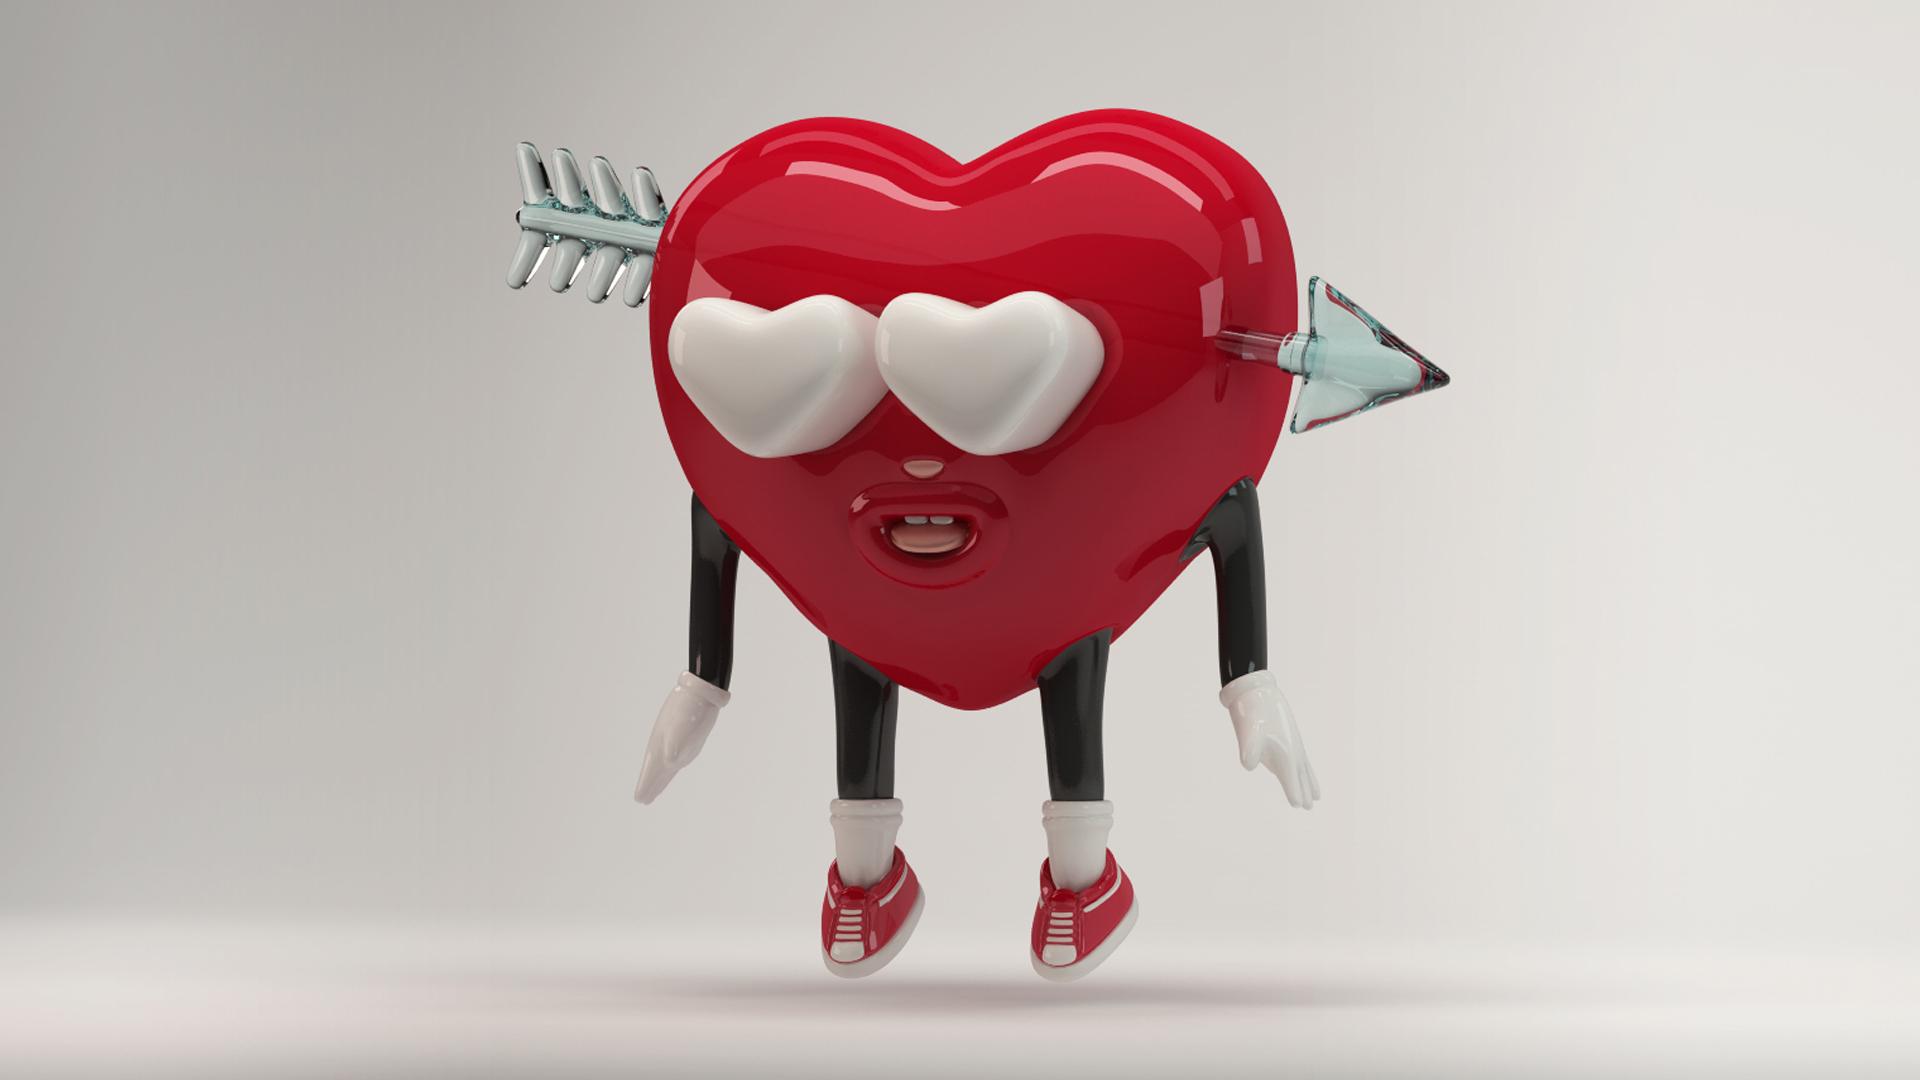 MrKat_and_Friends_HEART-STRUCK